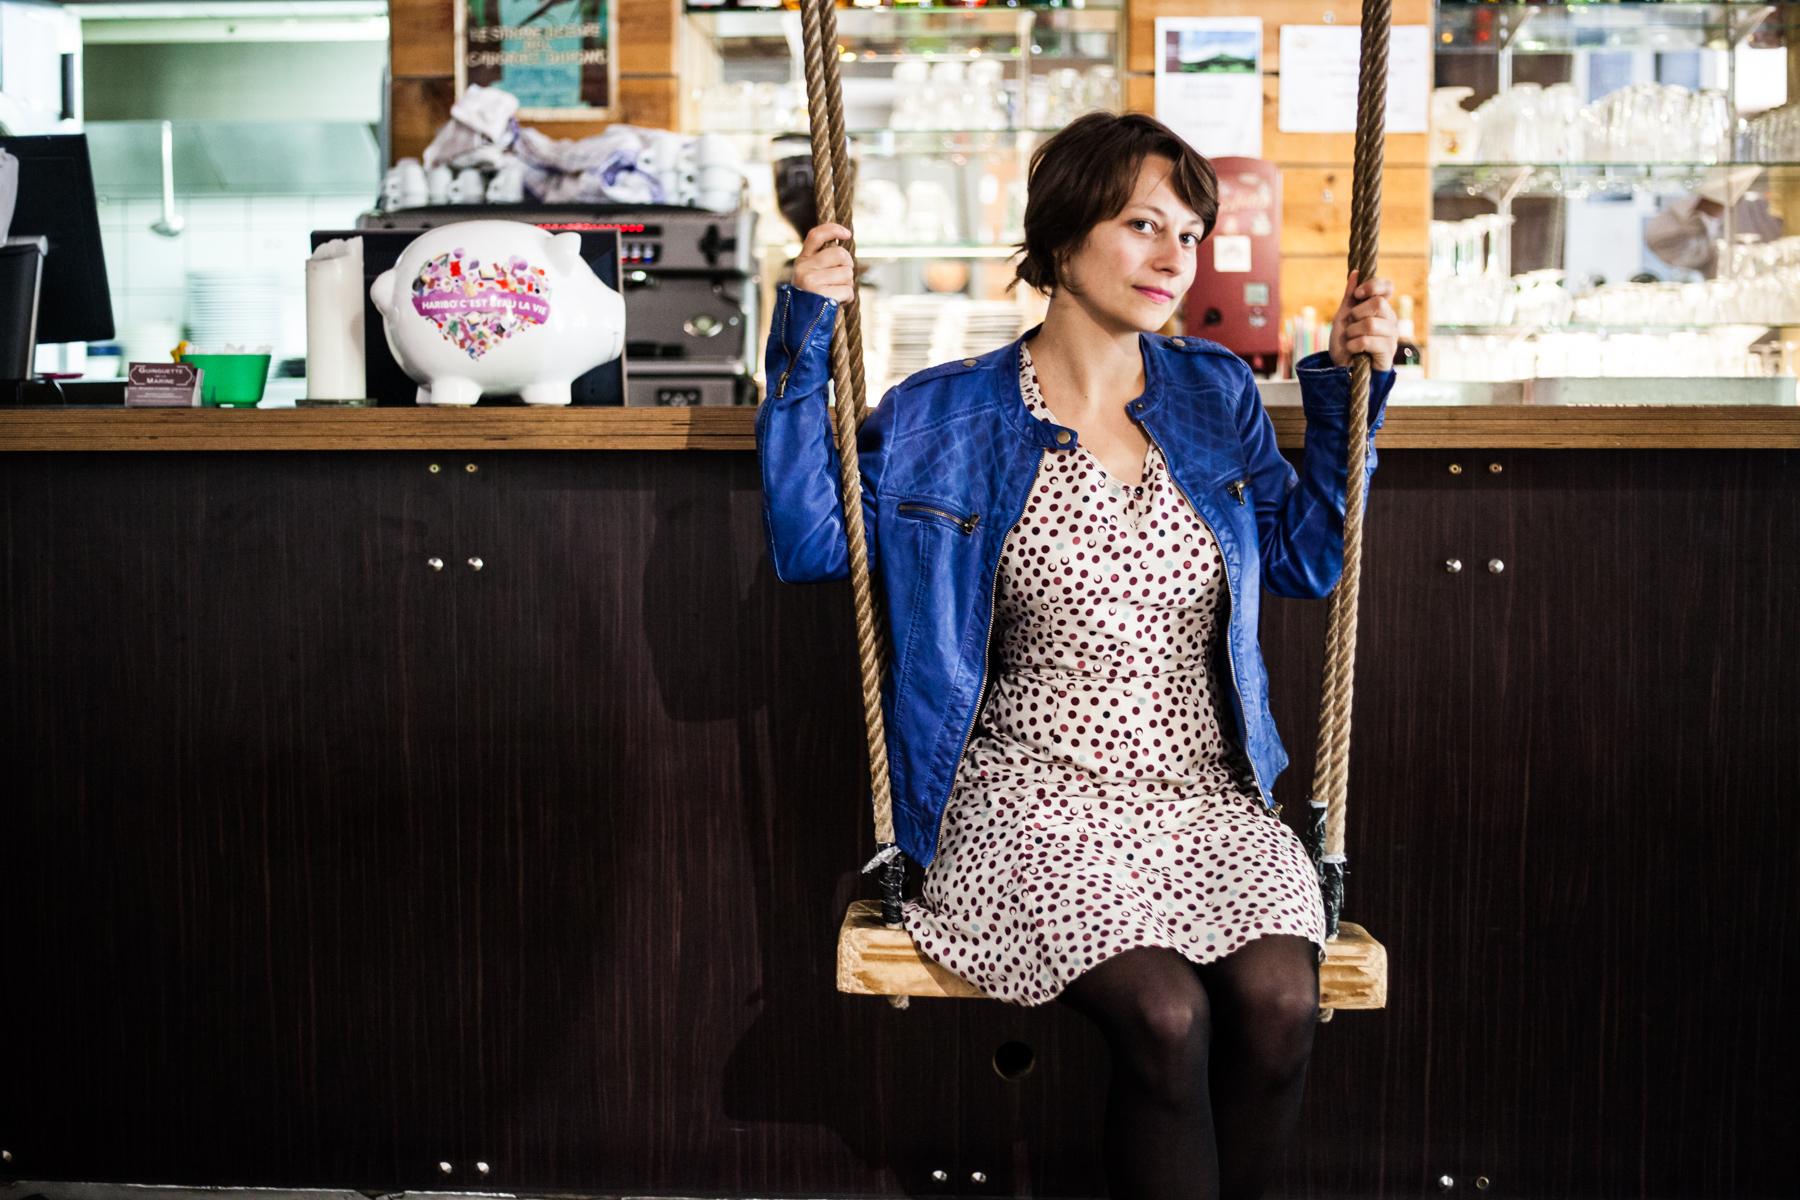 Lyly Chartiez est comédienne dans le Nord. Elle a participé à une pièce de théâtre qui s'inspire des travaux des sociologues Michel Pinçon et  Monique Pinçon - Charlot. Publié dans L'Humanité